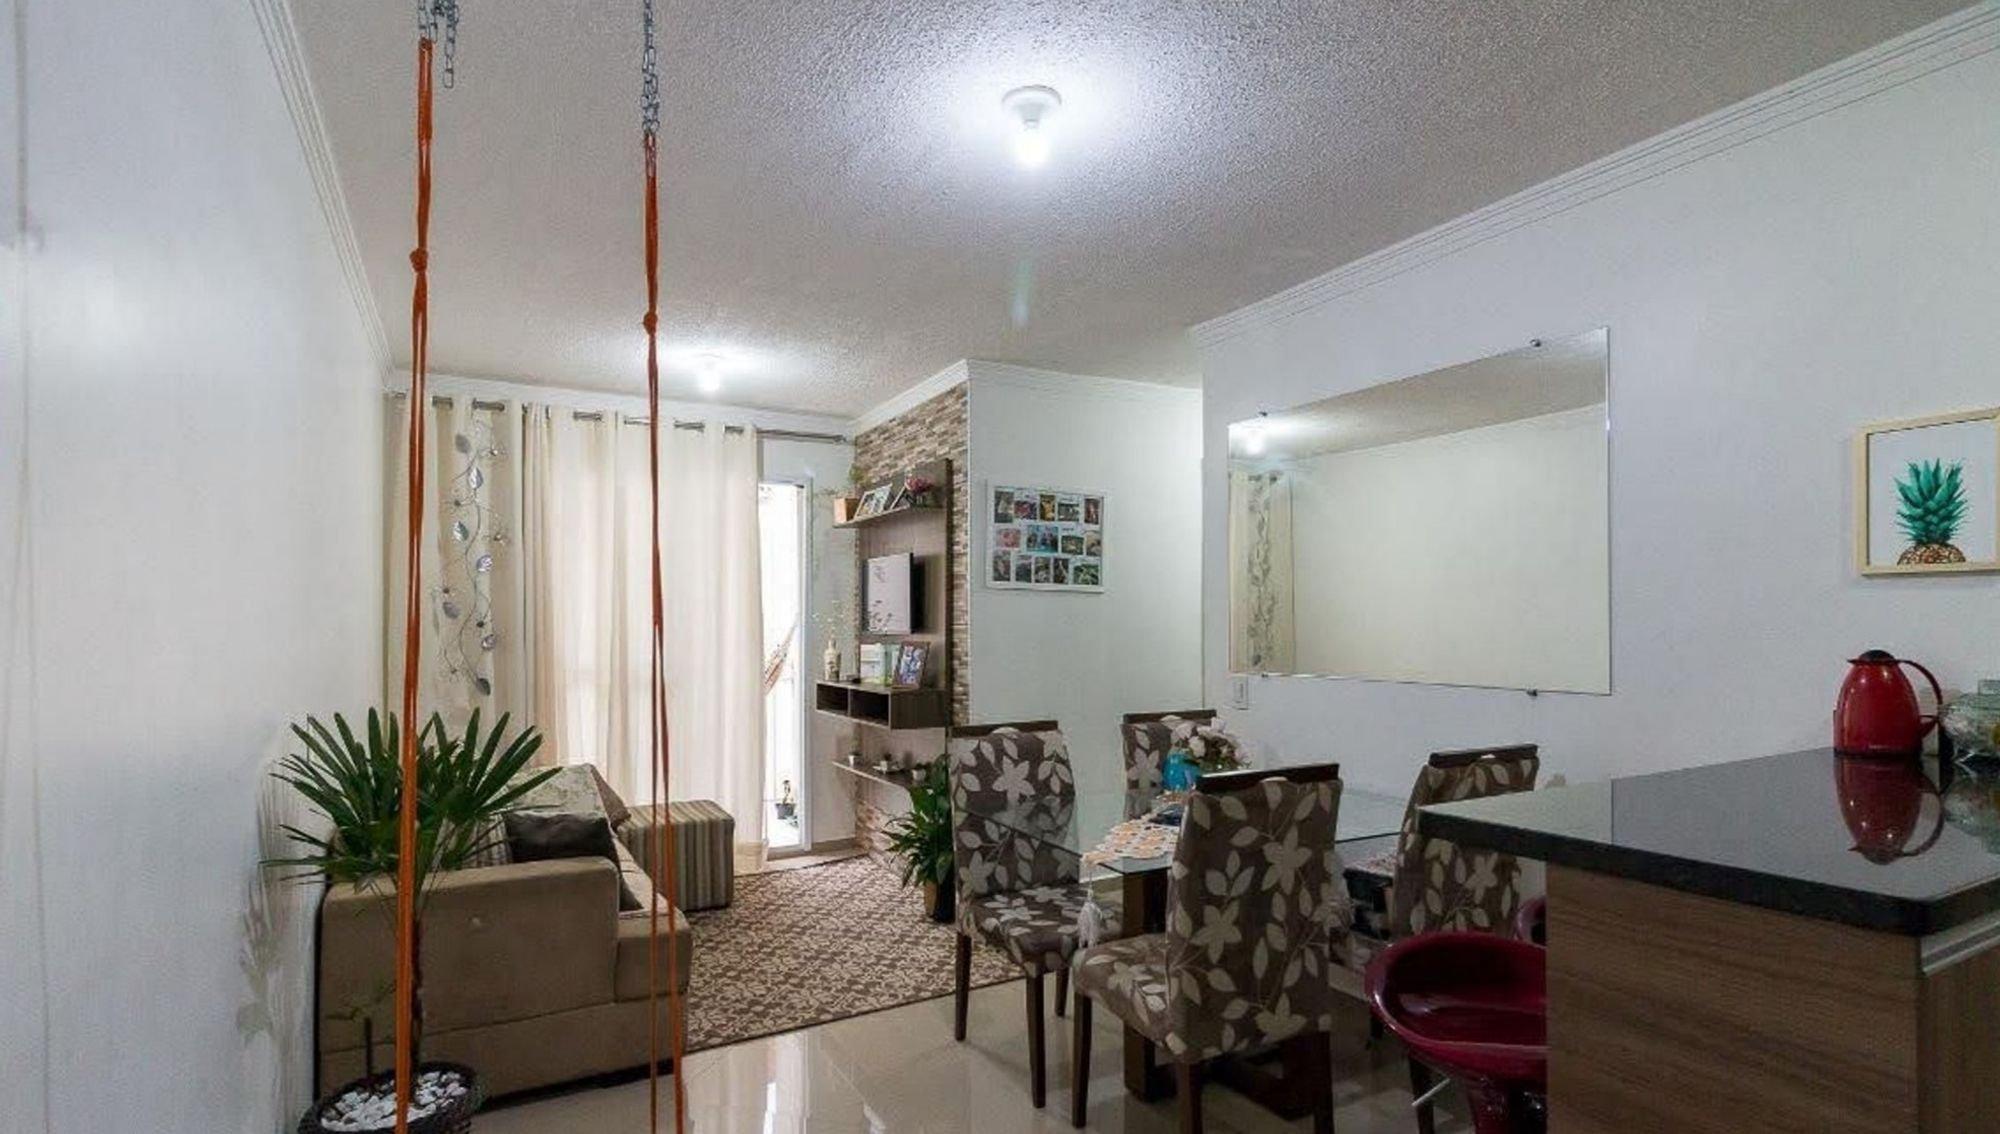 Foto de Sala com vaso de planta, sofá, televisão, cadeira, livro